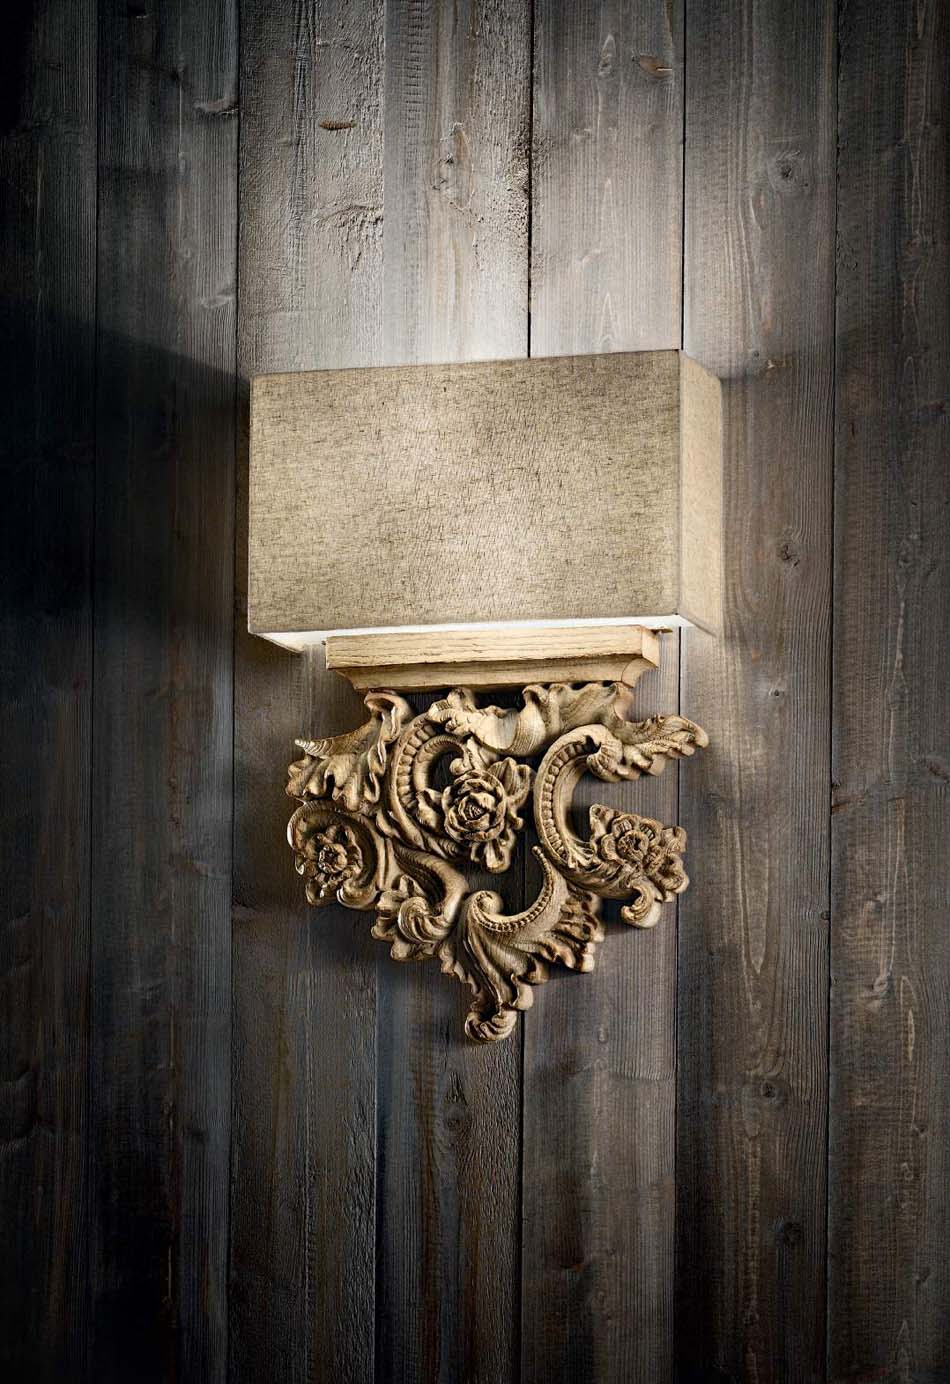 Lampade sospese Ideal Lux Peter – Toscana Arredamenti